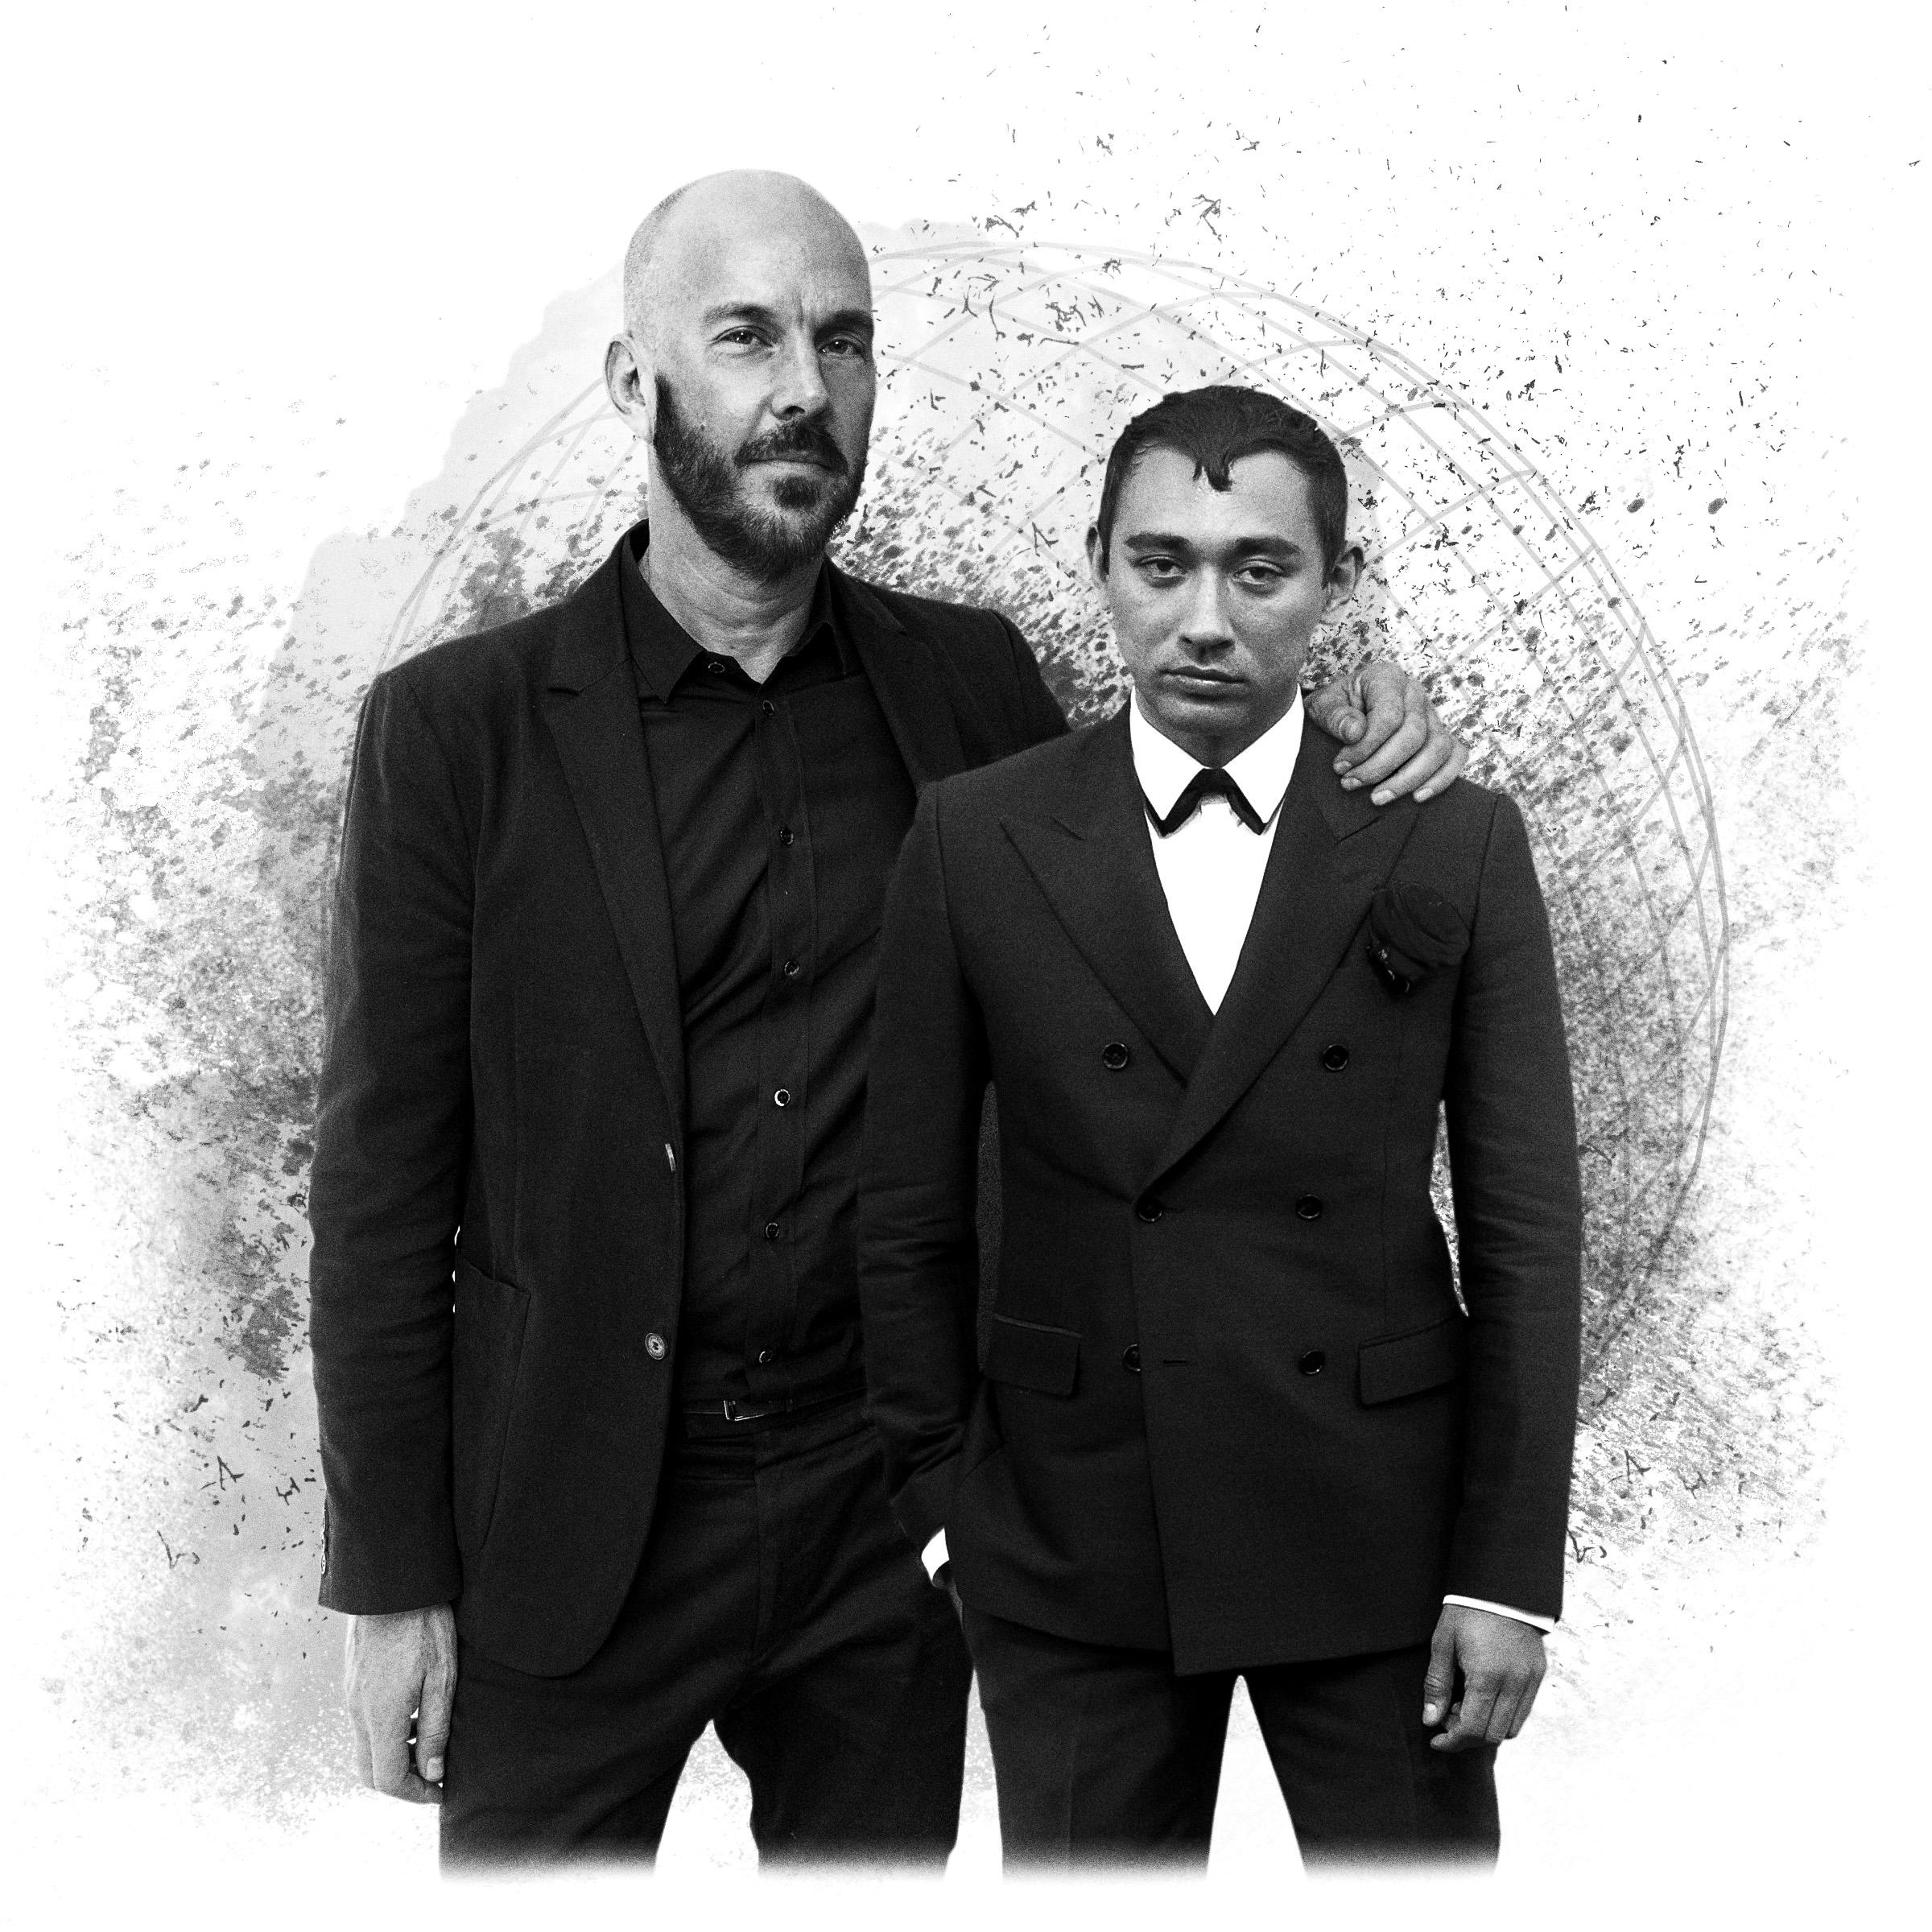 Kevin Kollenda & Nicola Formichetti, Interview